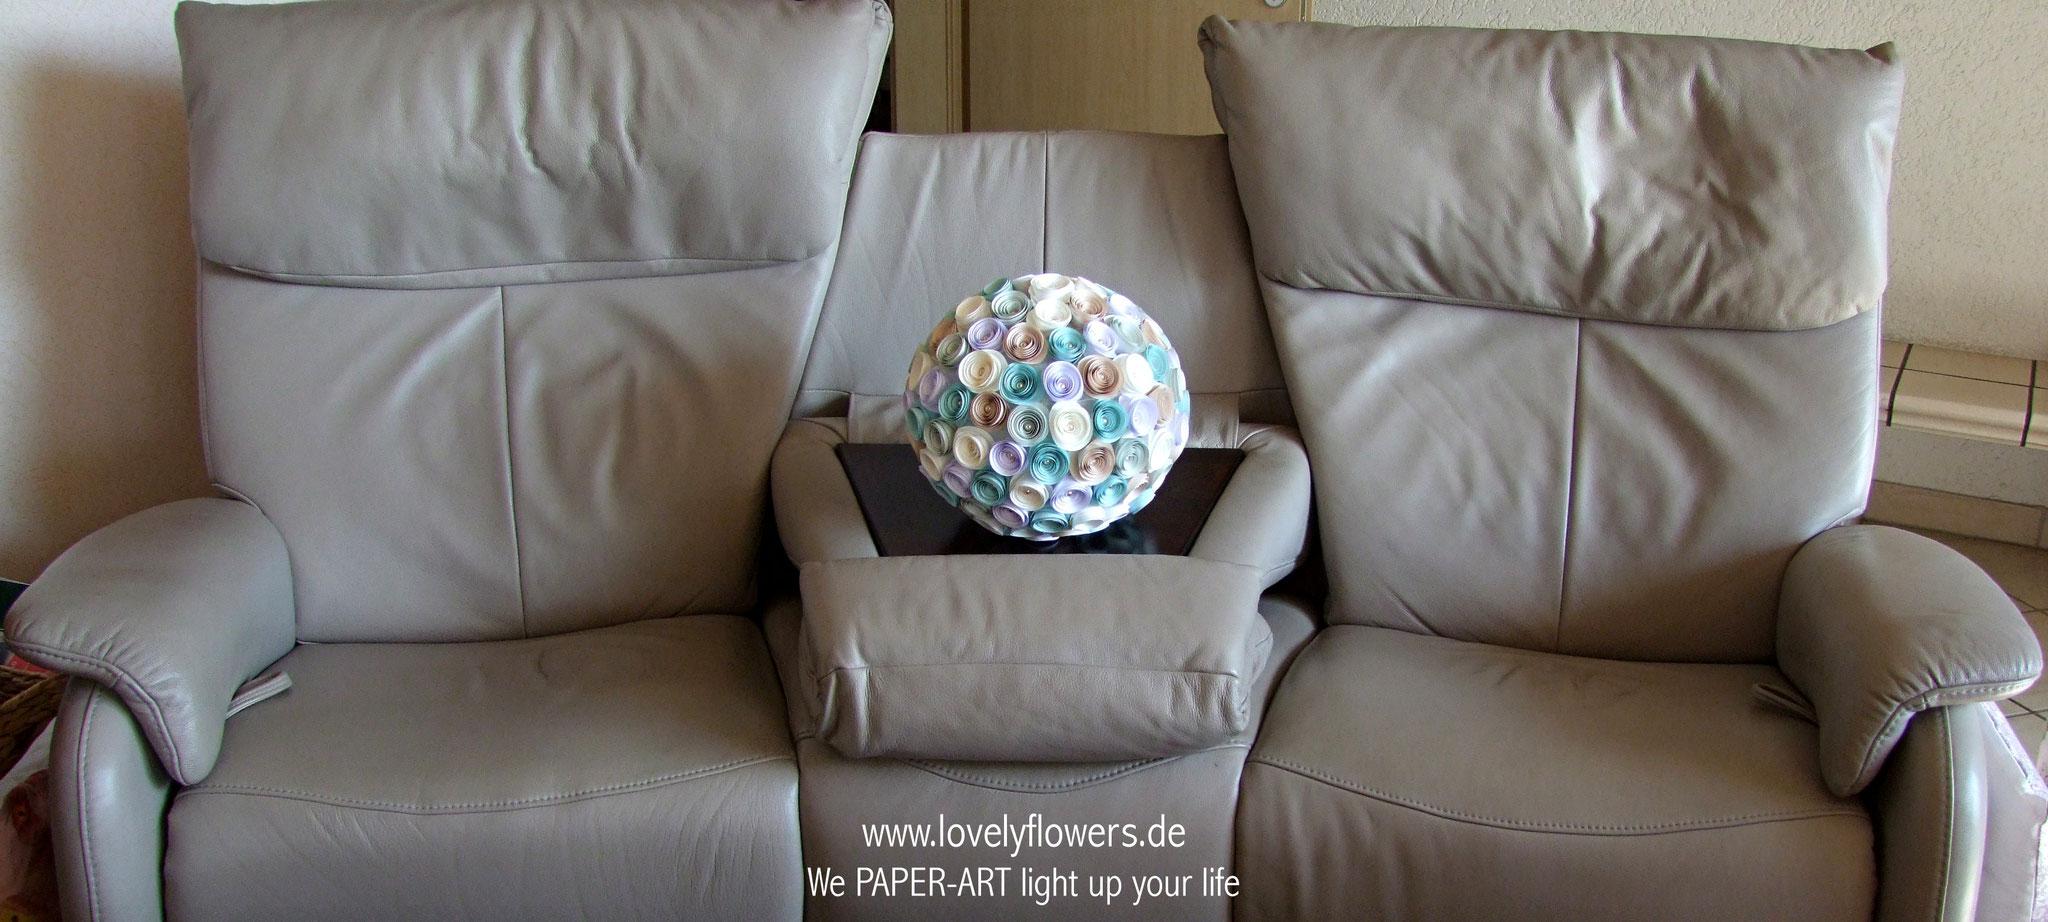 www.lovelyflowers.de - Paper Art Lampen machen Dein Sofa kuschelig!